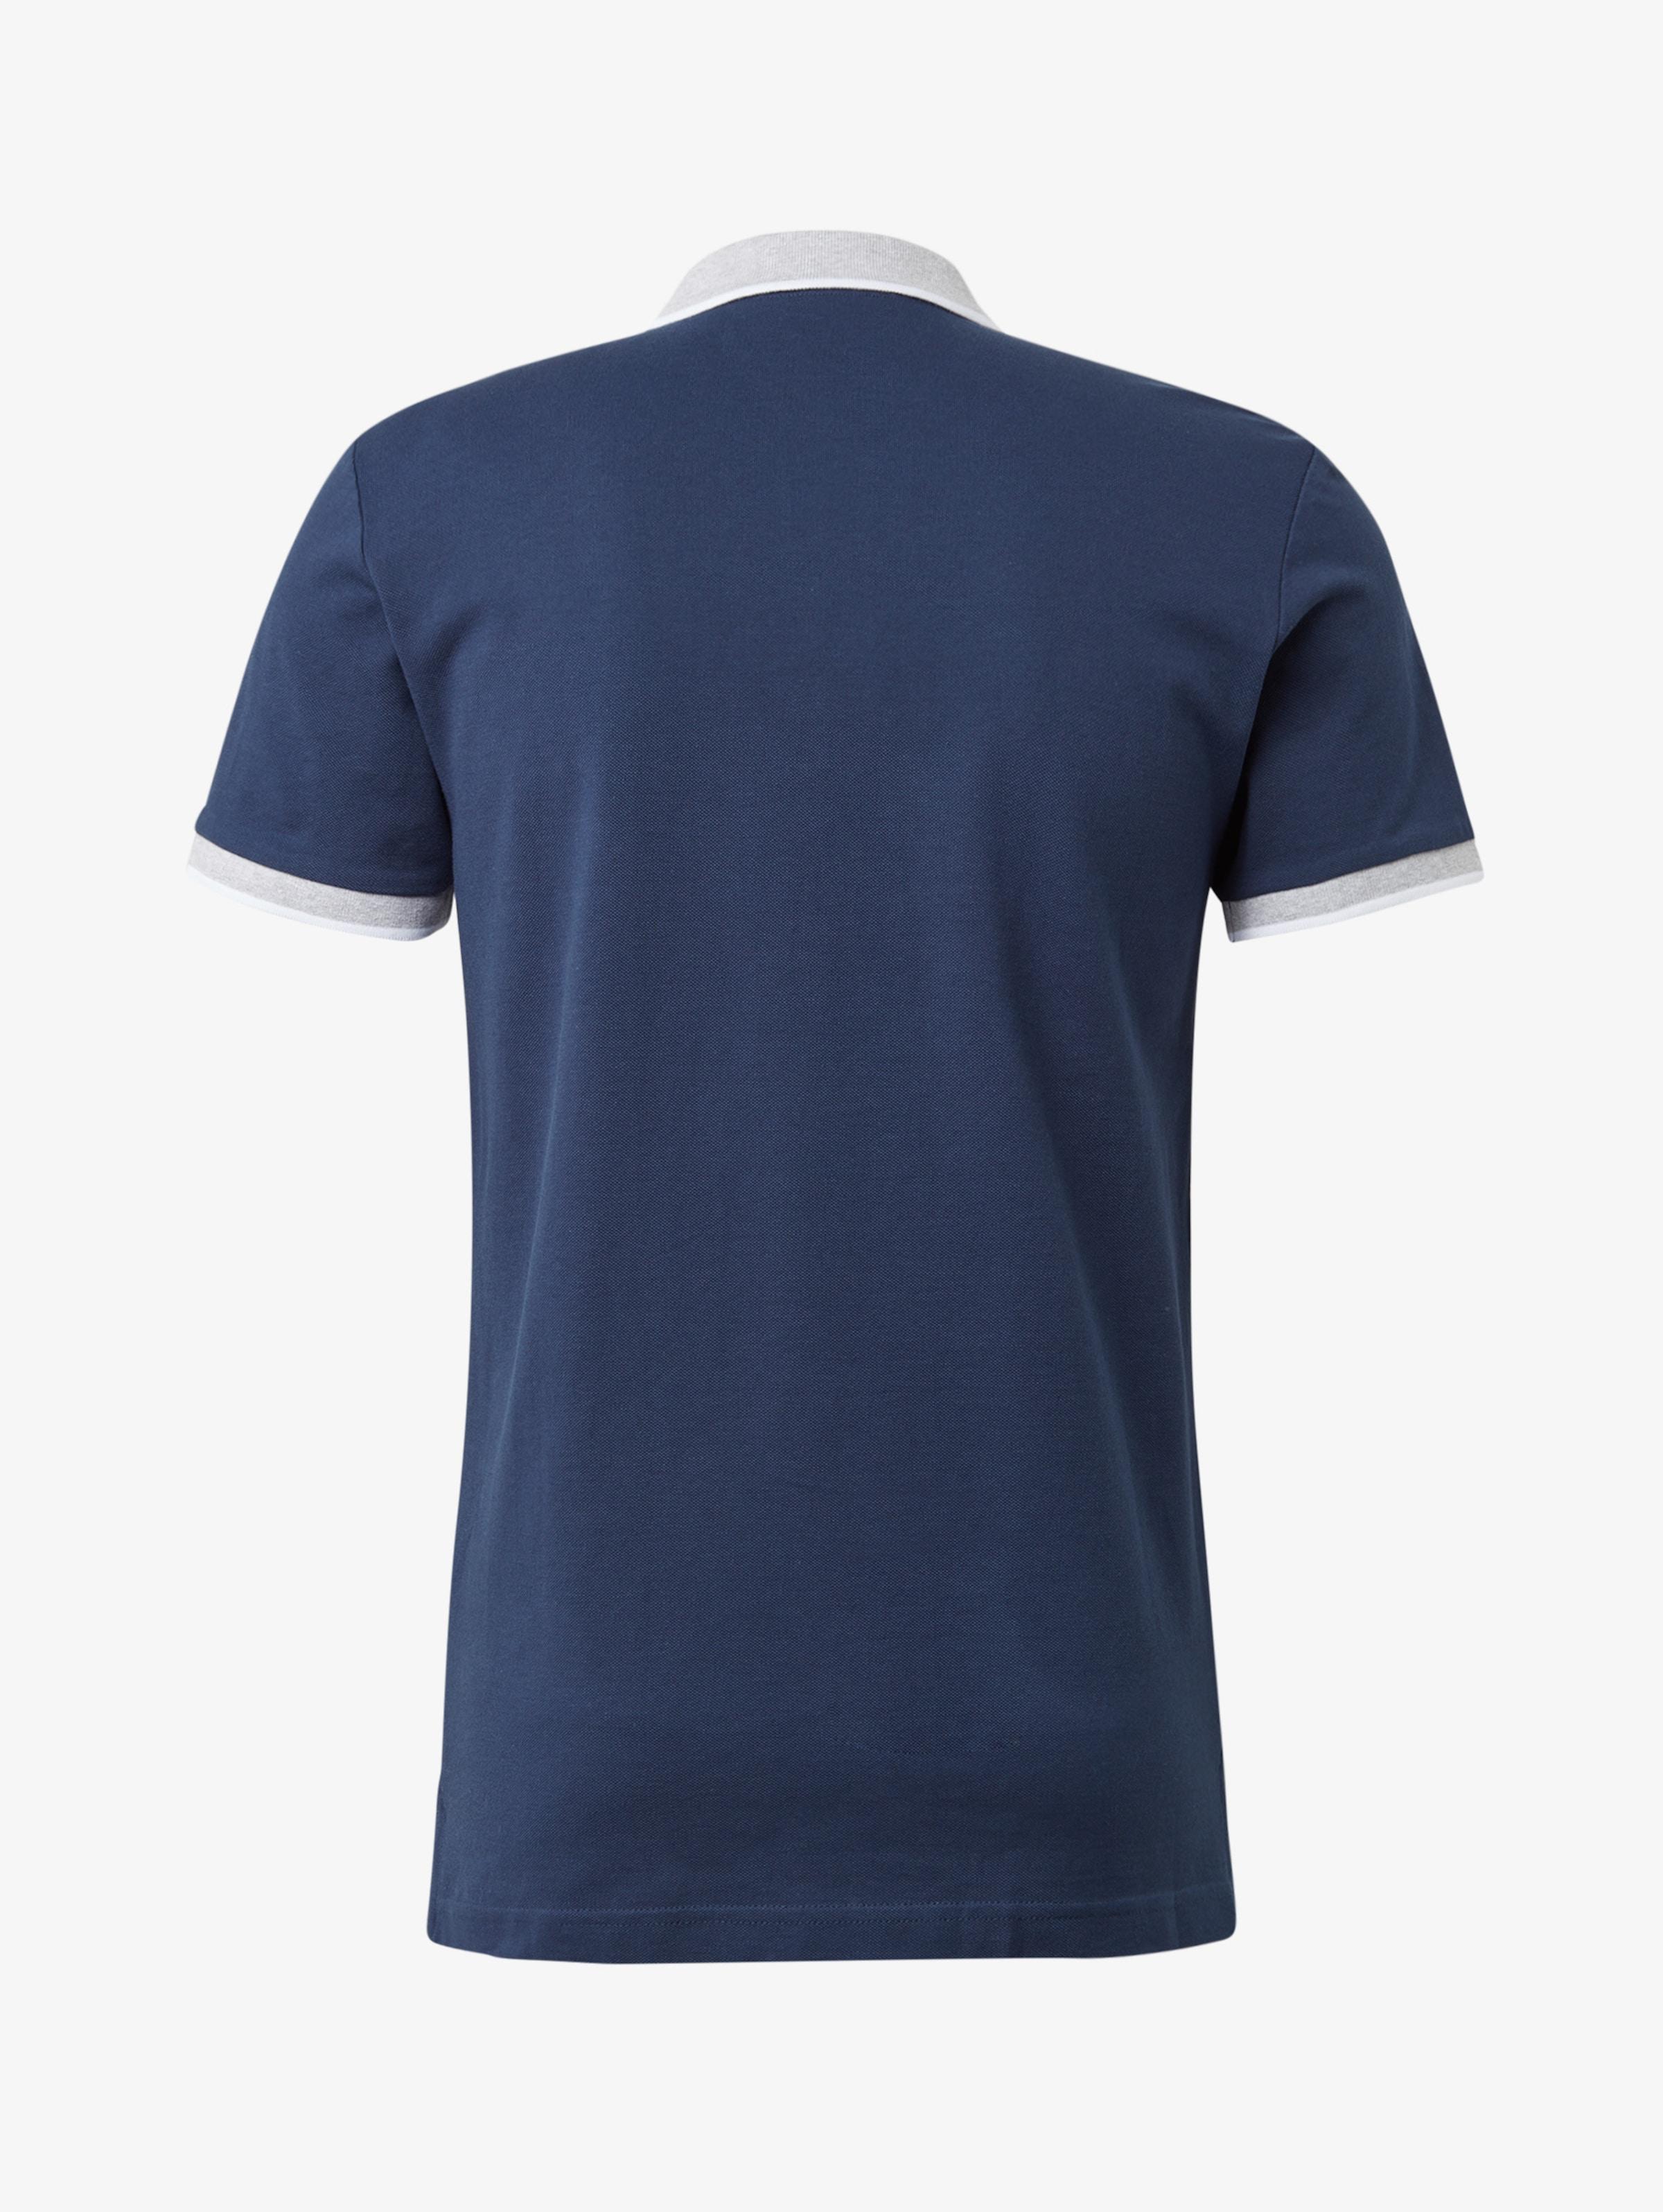 Tom Tailor MarineGraumeliert Shirts Denim In Weiß KlF1Jc